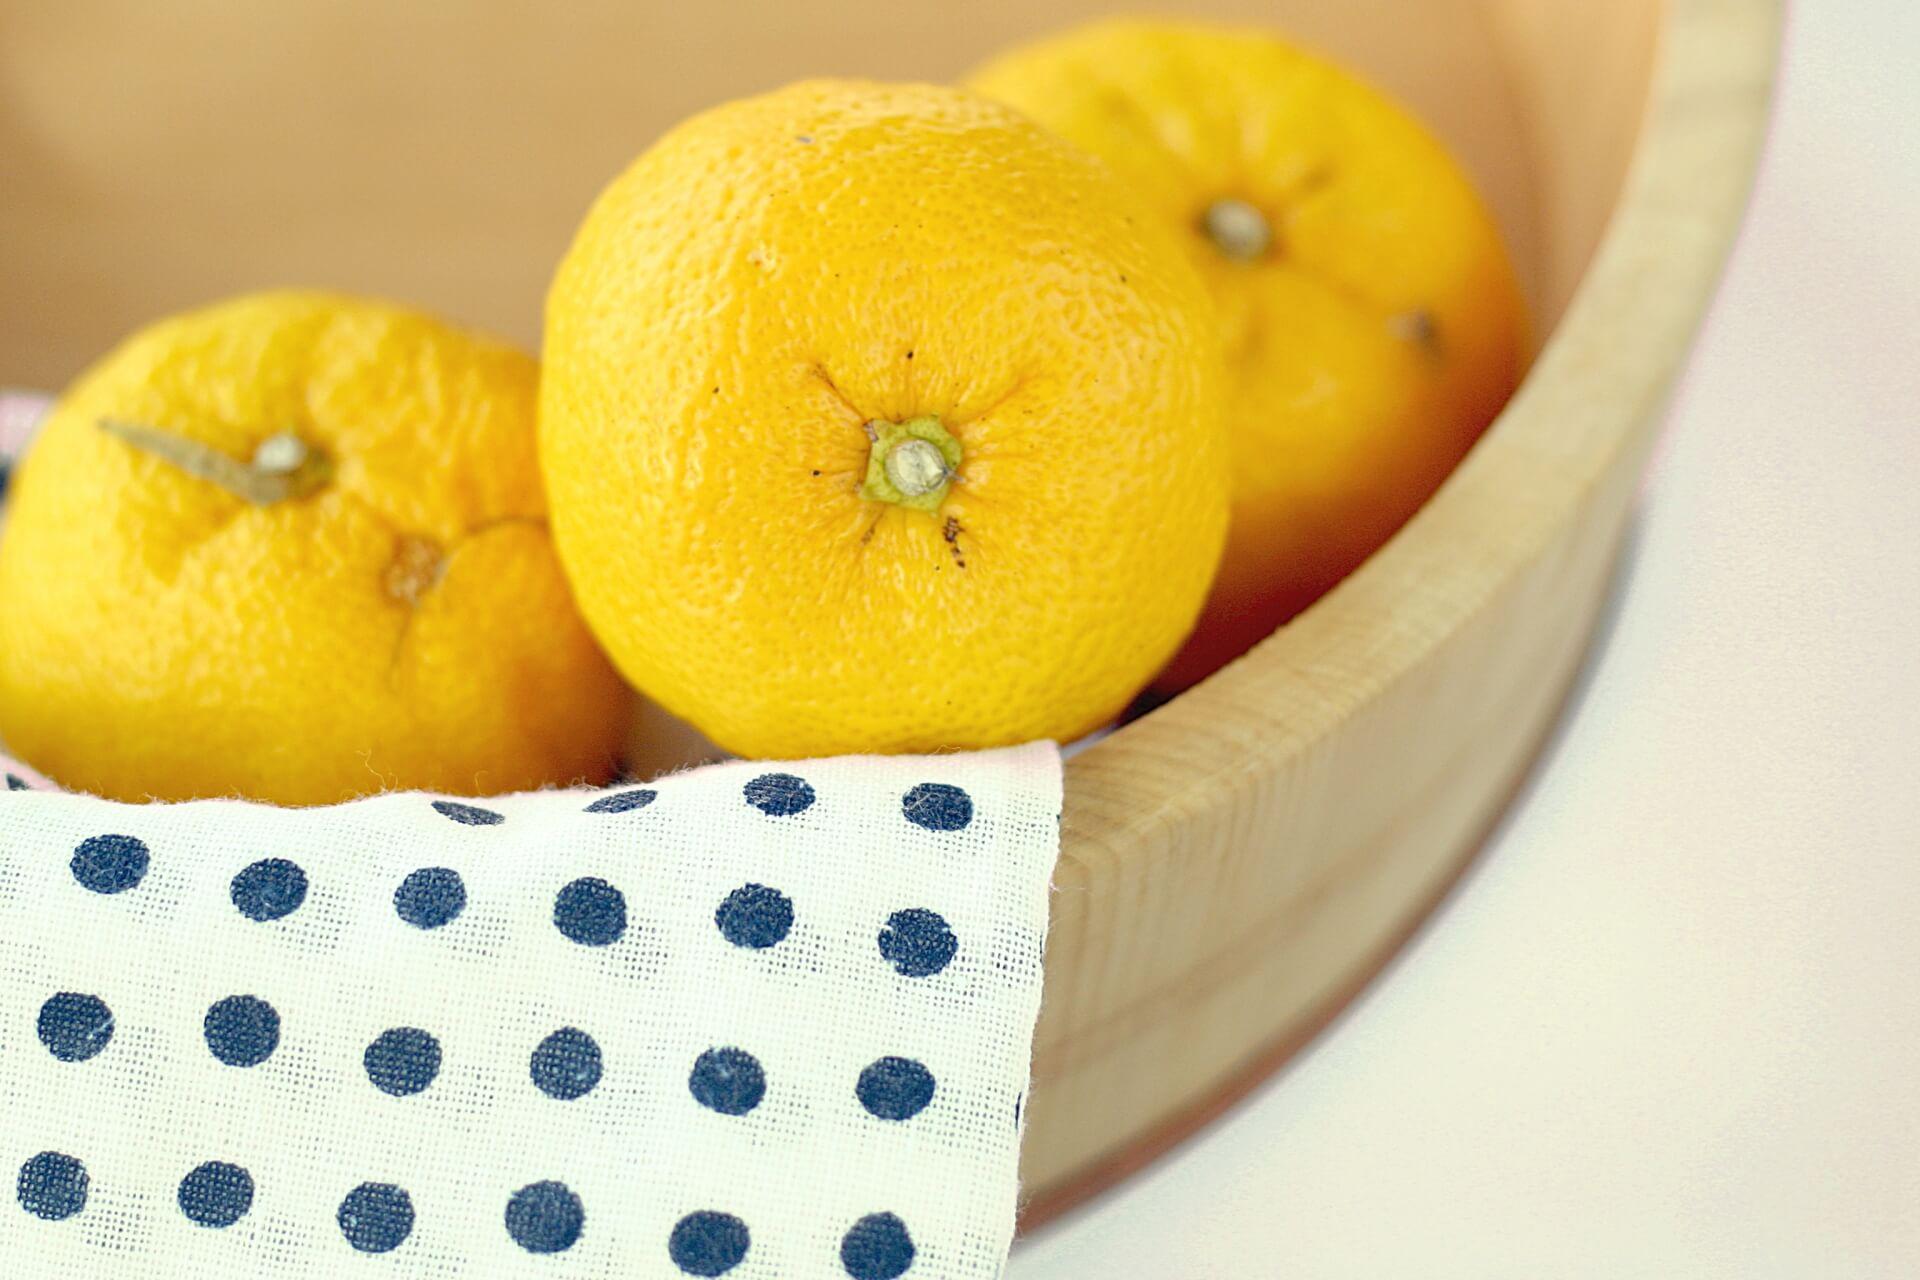 柚子湯の柚子の使い道は?食べられる?ゆず湯の再利用についても